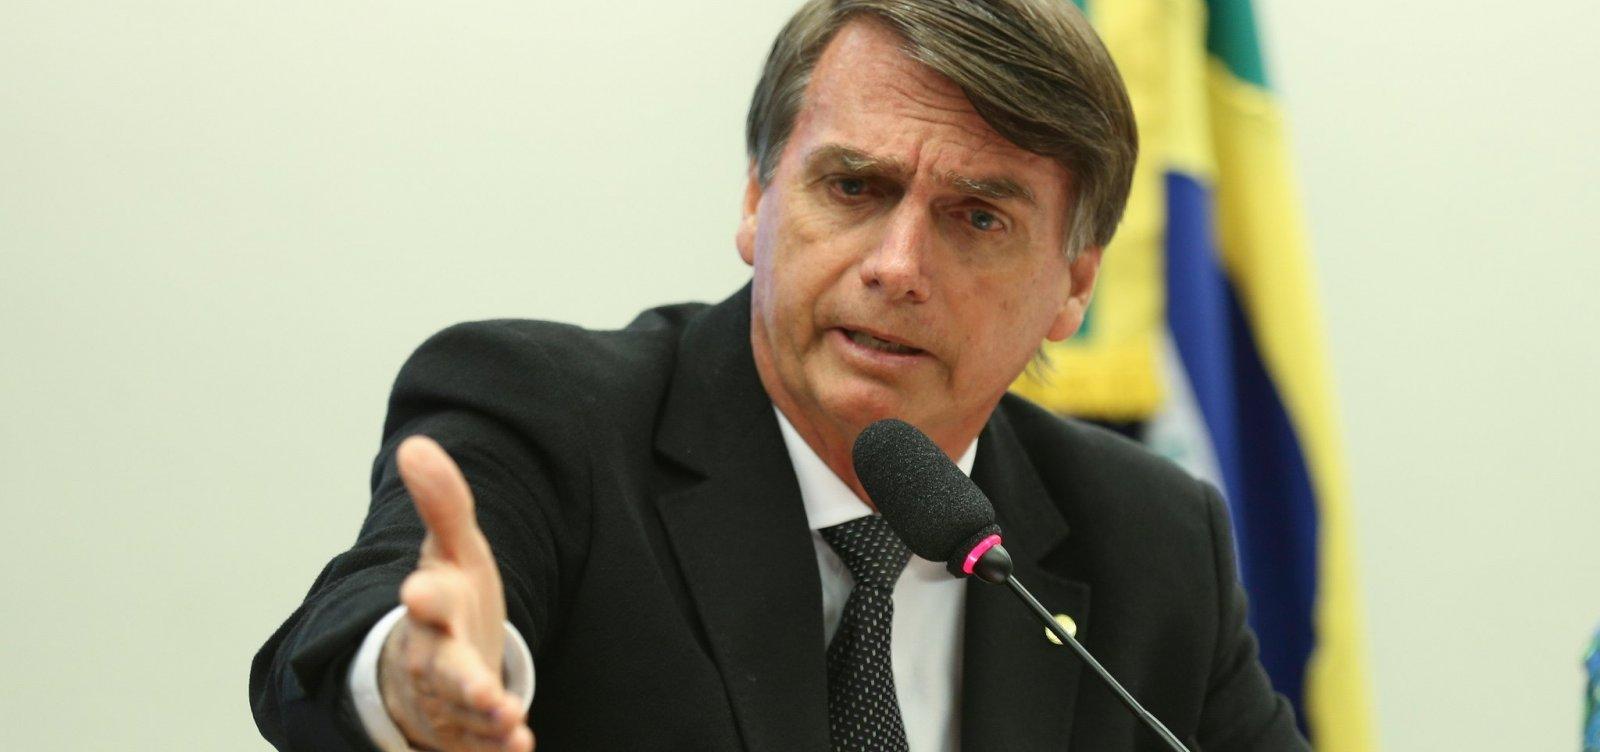 [Bolsonaro vai se reunir com Temer na próxima quarta-feira, diz Lorenzoni]